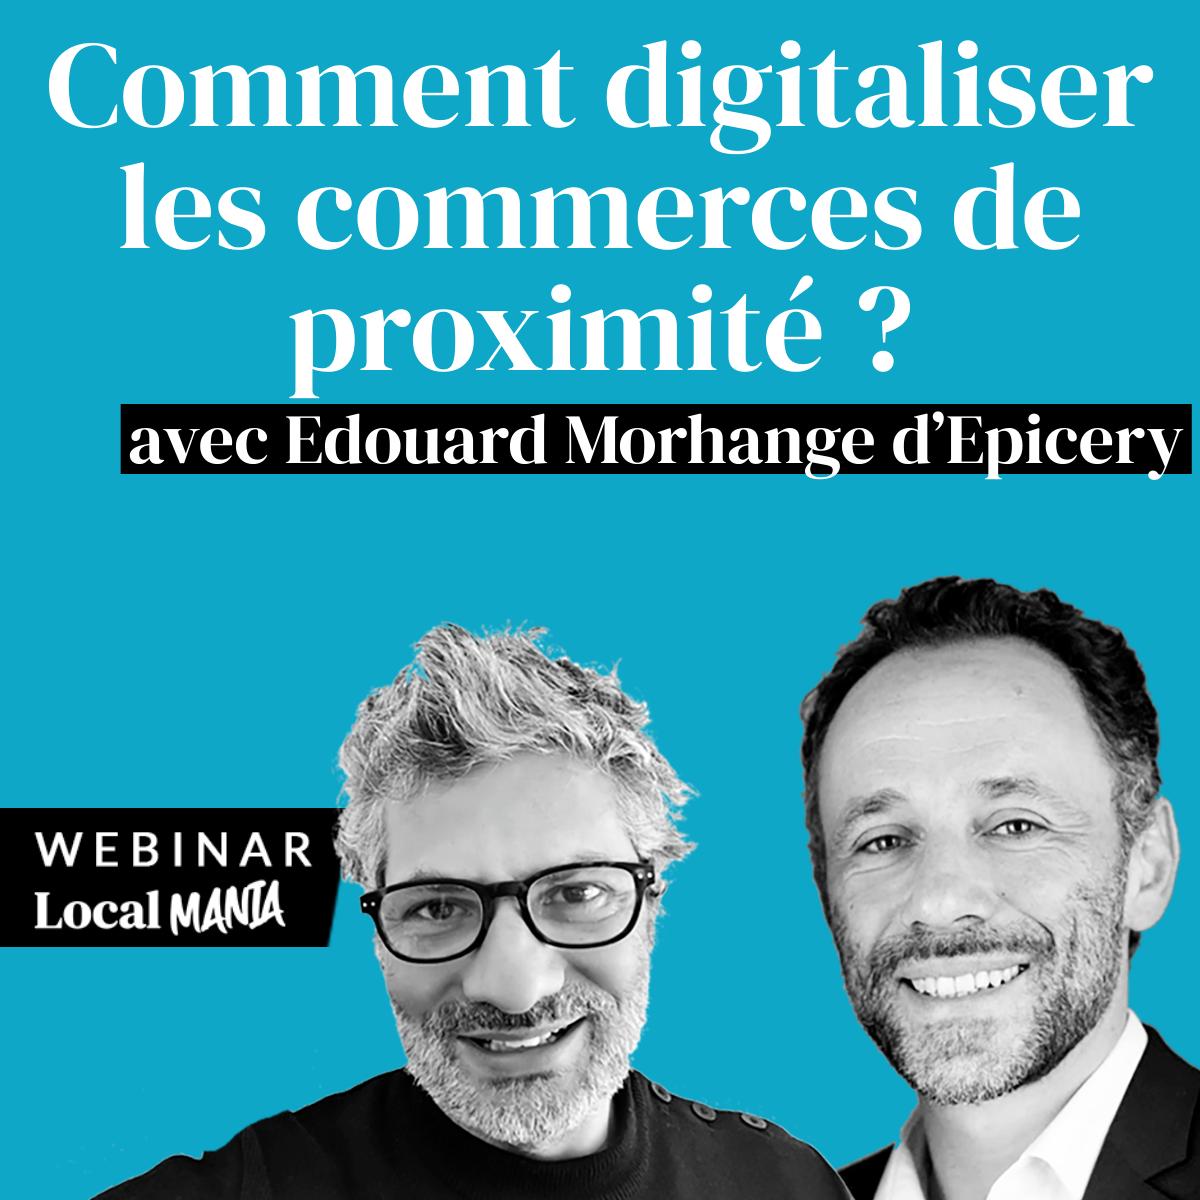 #1 Comment digitaliser les commerces de proximité ? avec Edouard Morhange CEO d'Epicery